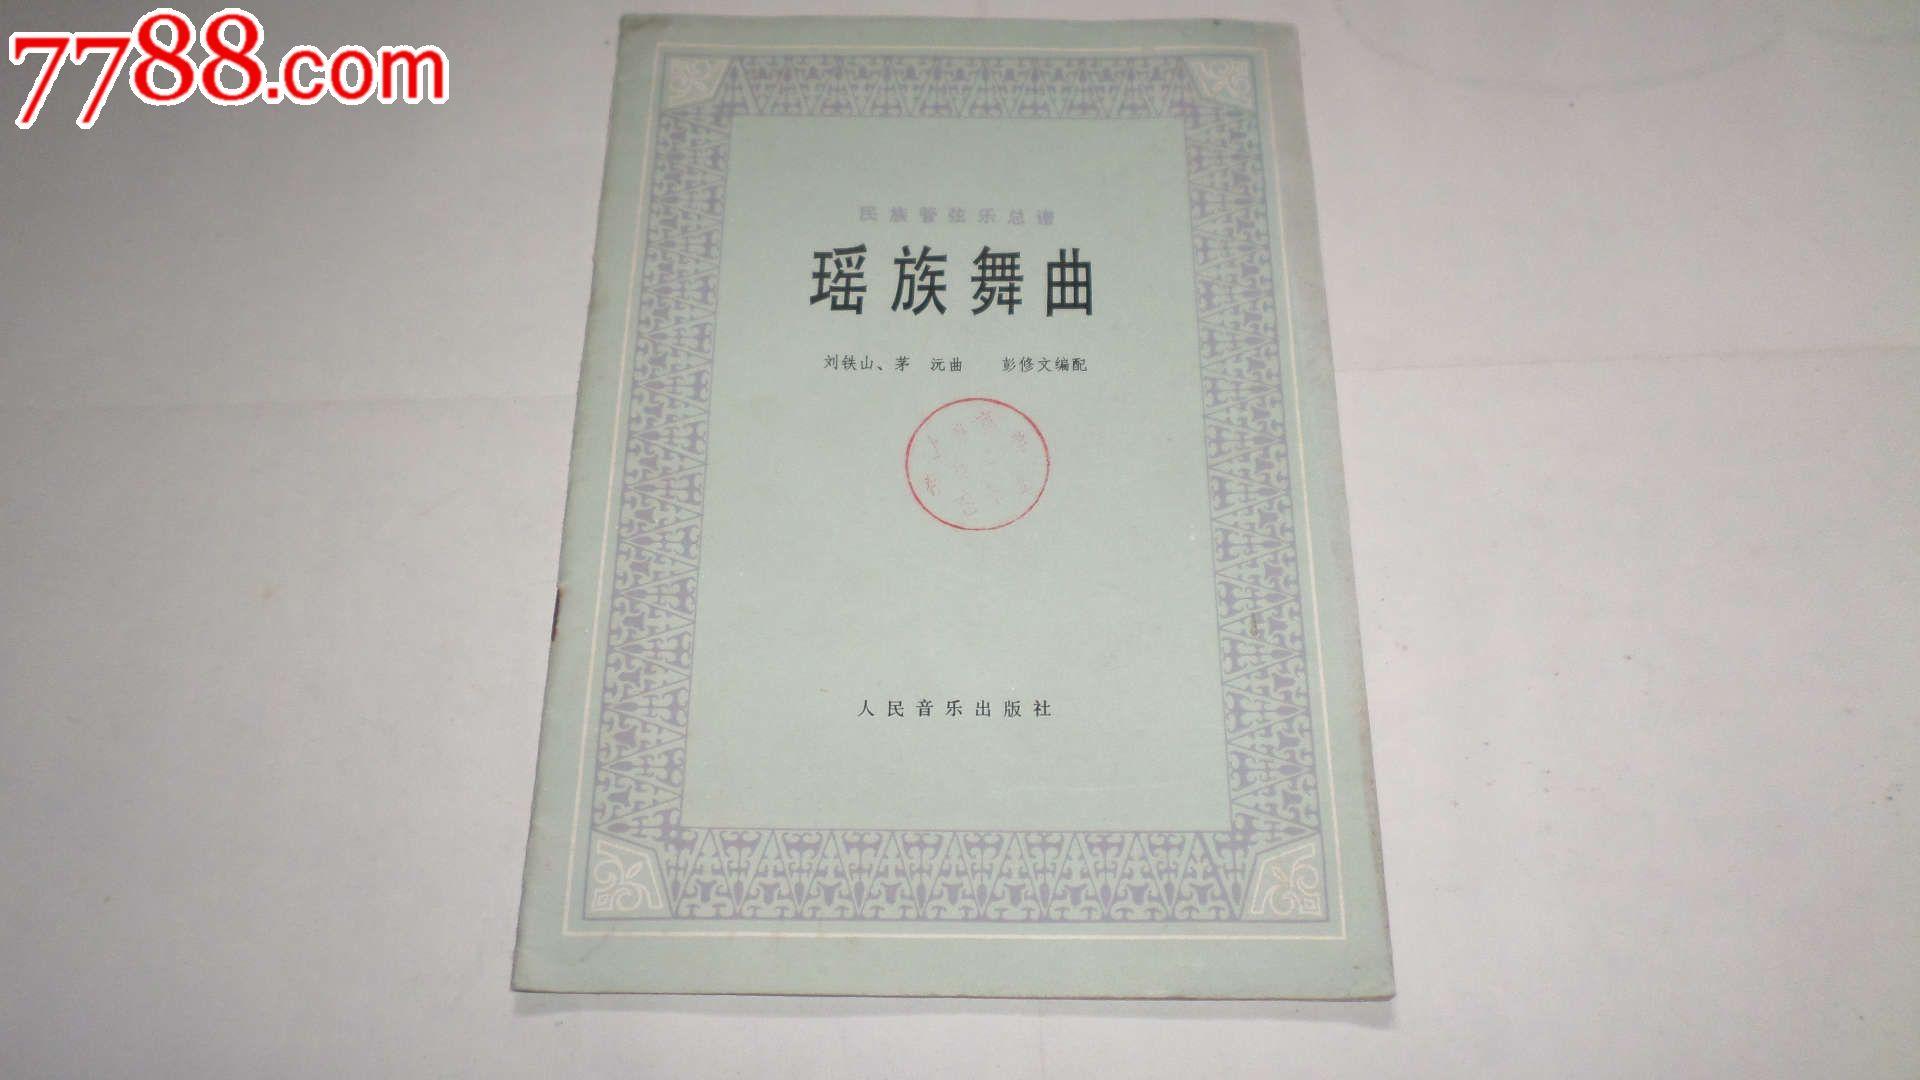 瑶族舞曲:民族管弦乐总谱【文杰书店】_第1张_7788收藏__中国收藏热线